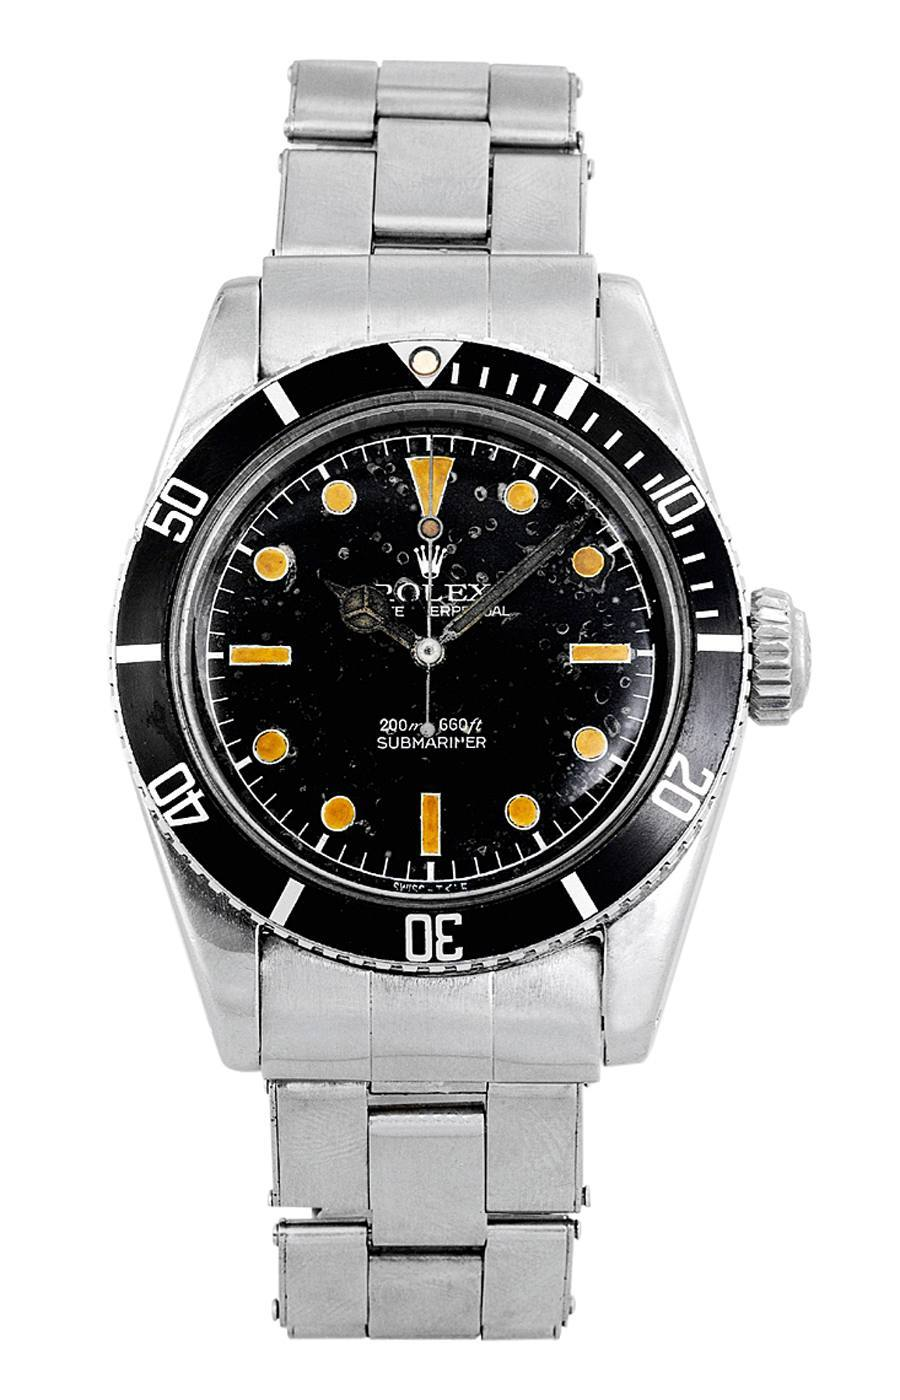 """Als James Bond 1962 erstmals in einem Kinofilm erschien, trug er eine Rolex Submariner. Unter Sammlern wird deshalb die Referenz 6538 bis heute """"James Bond Sub"""" genannt."""